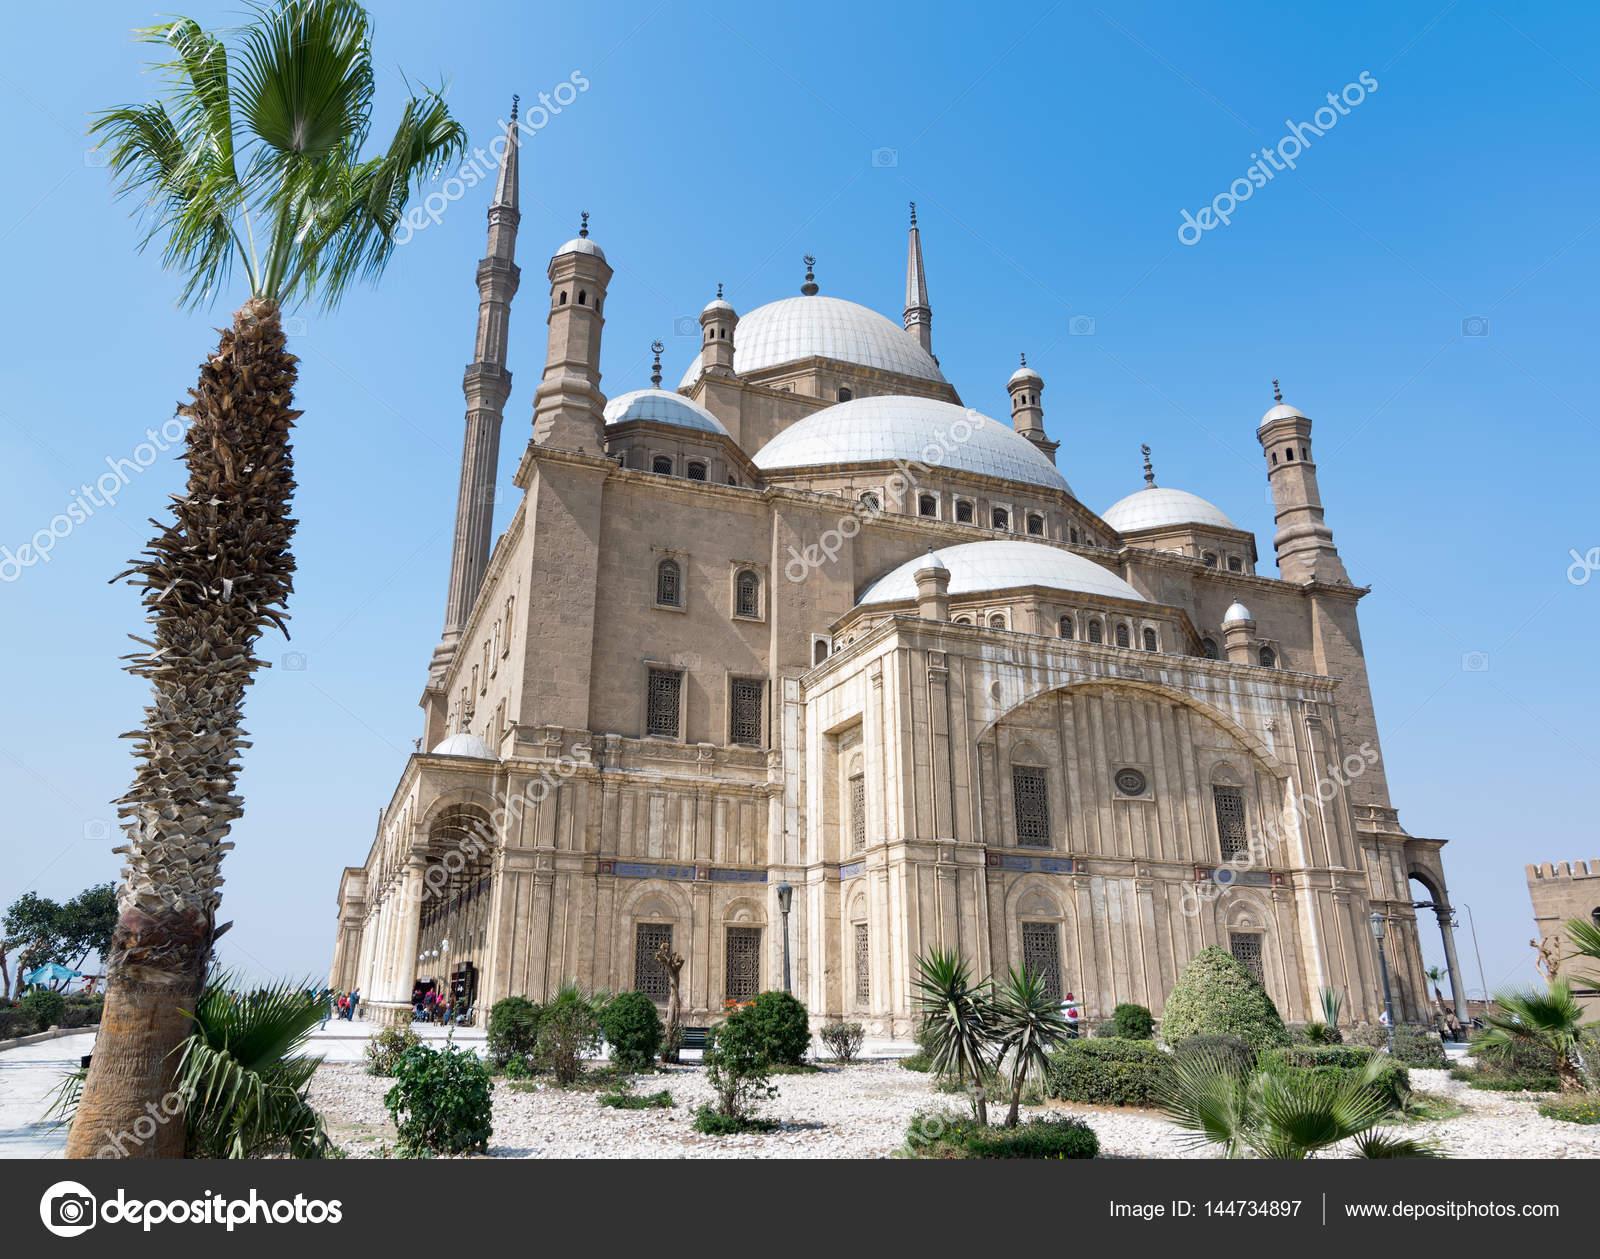 die gro e moschee von muhammad ali pasha alabaster moschee befindet sich in der zitadelle von. Black Bedroom Furniture Sets. Home Design Ideas